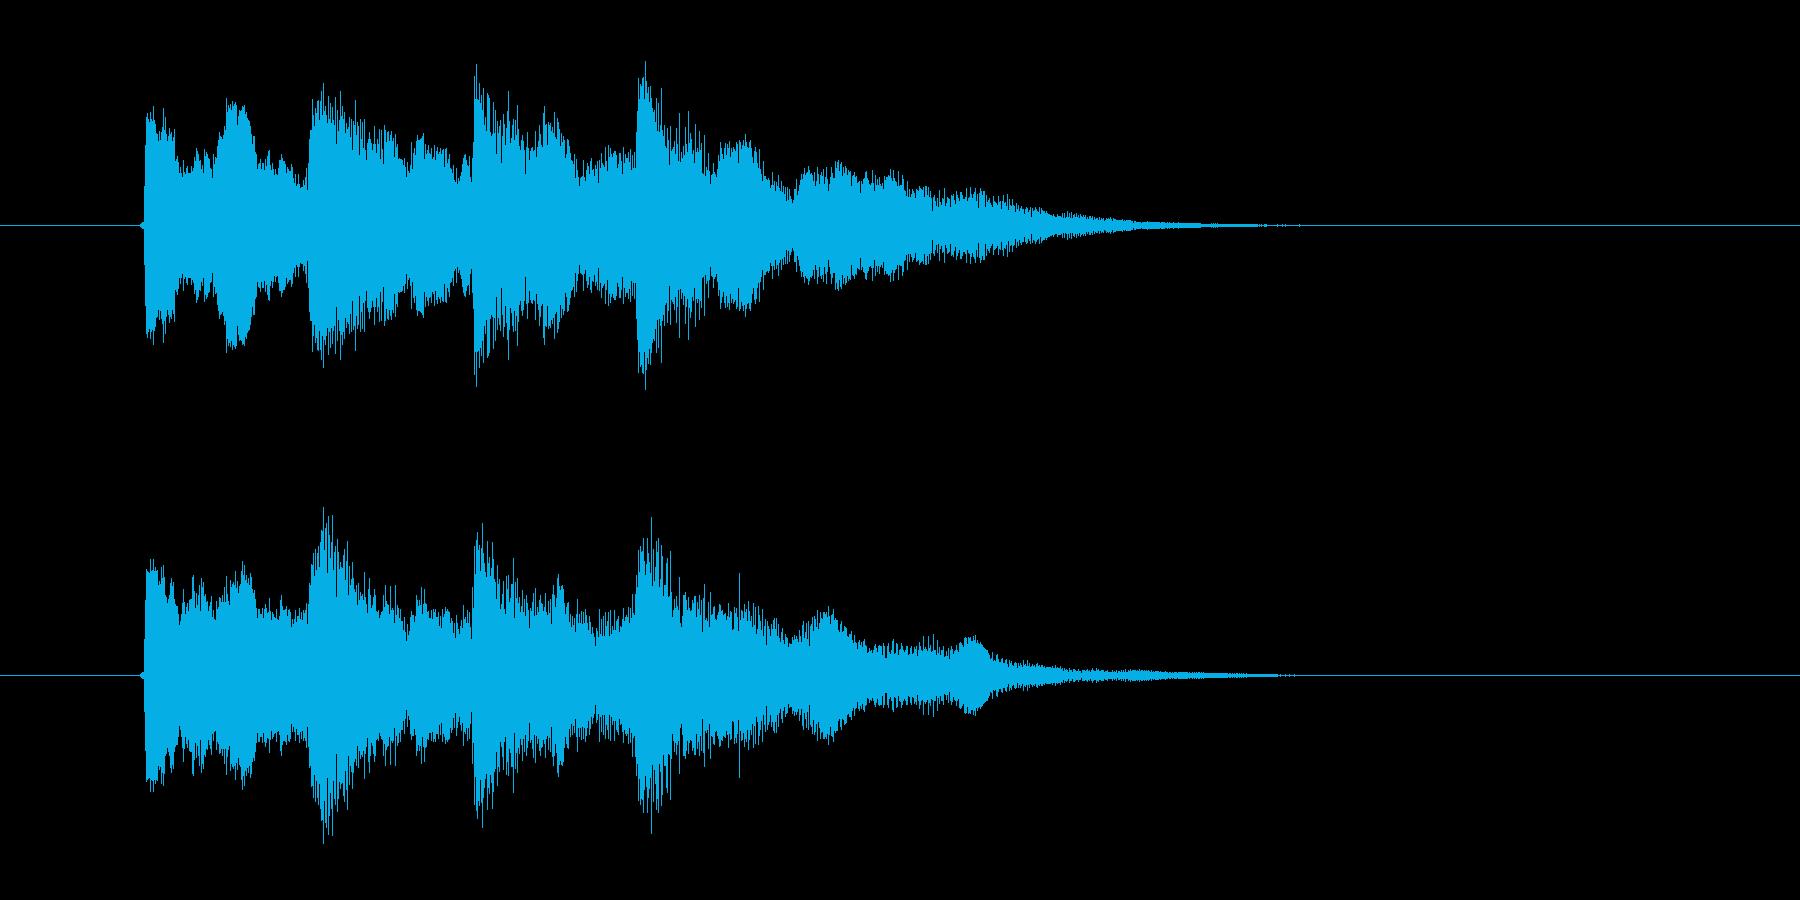 キンコンカンコン(チャイム)の再生済みの波形